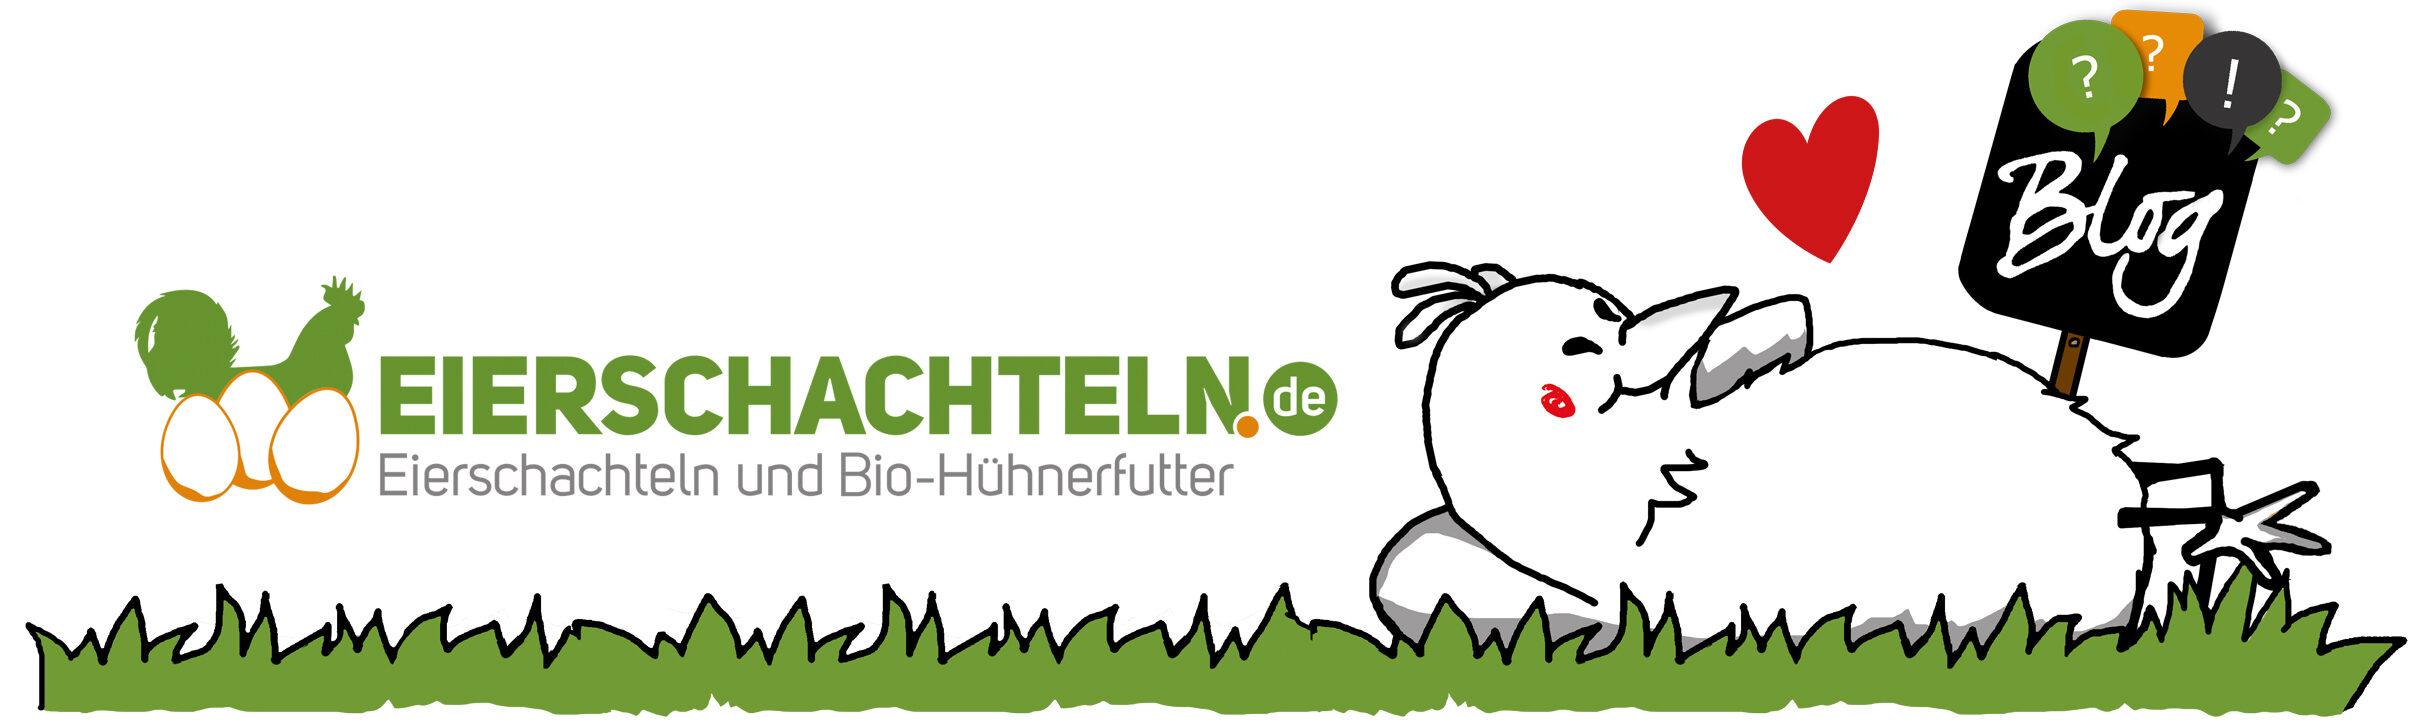 Der Blog von eierschachteln.de